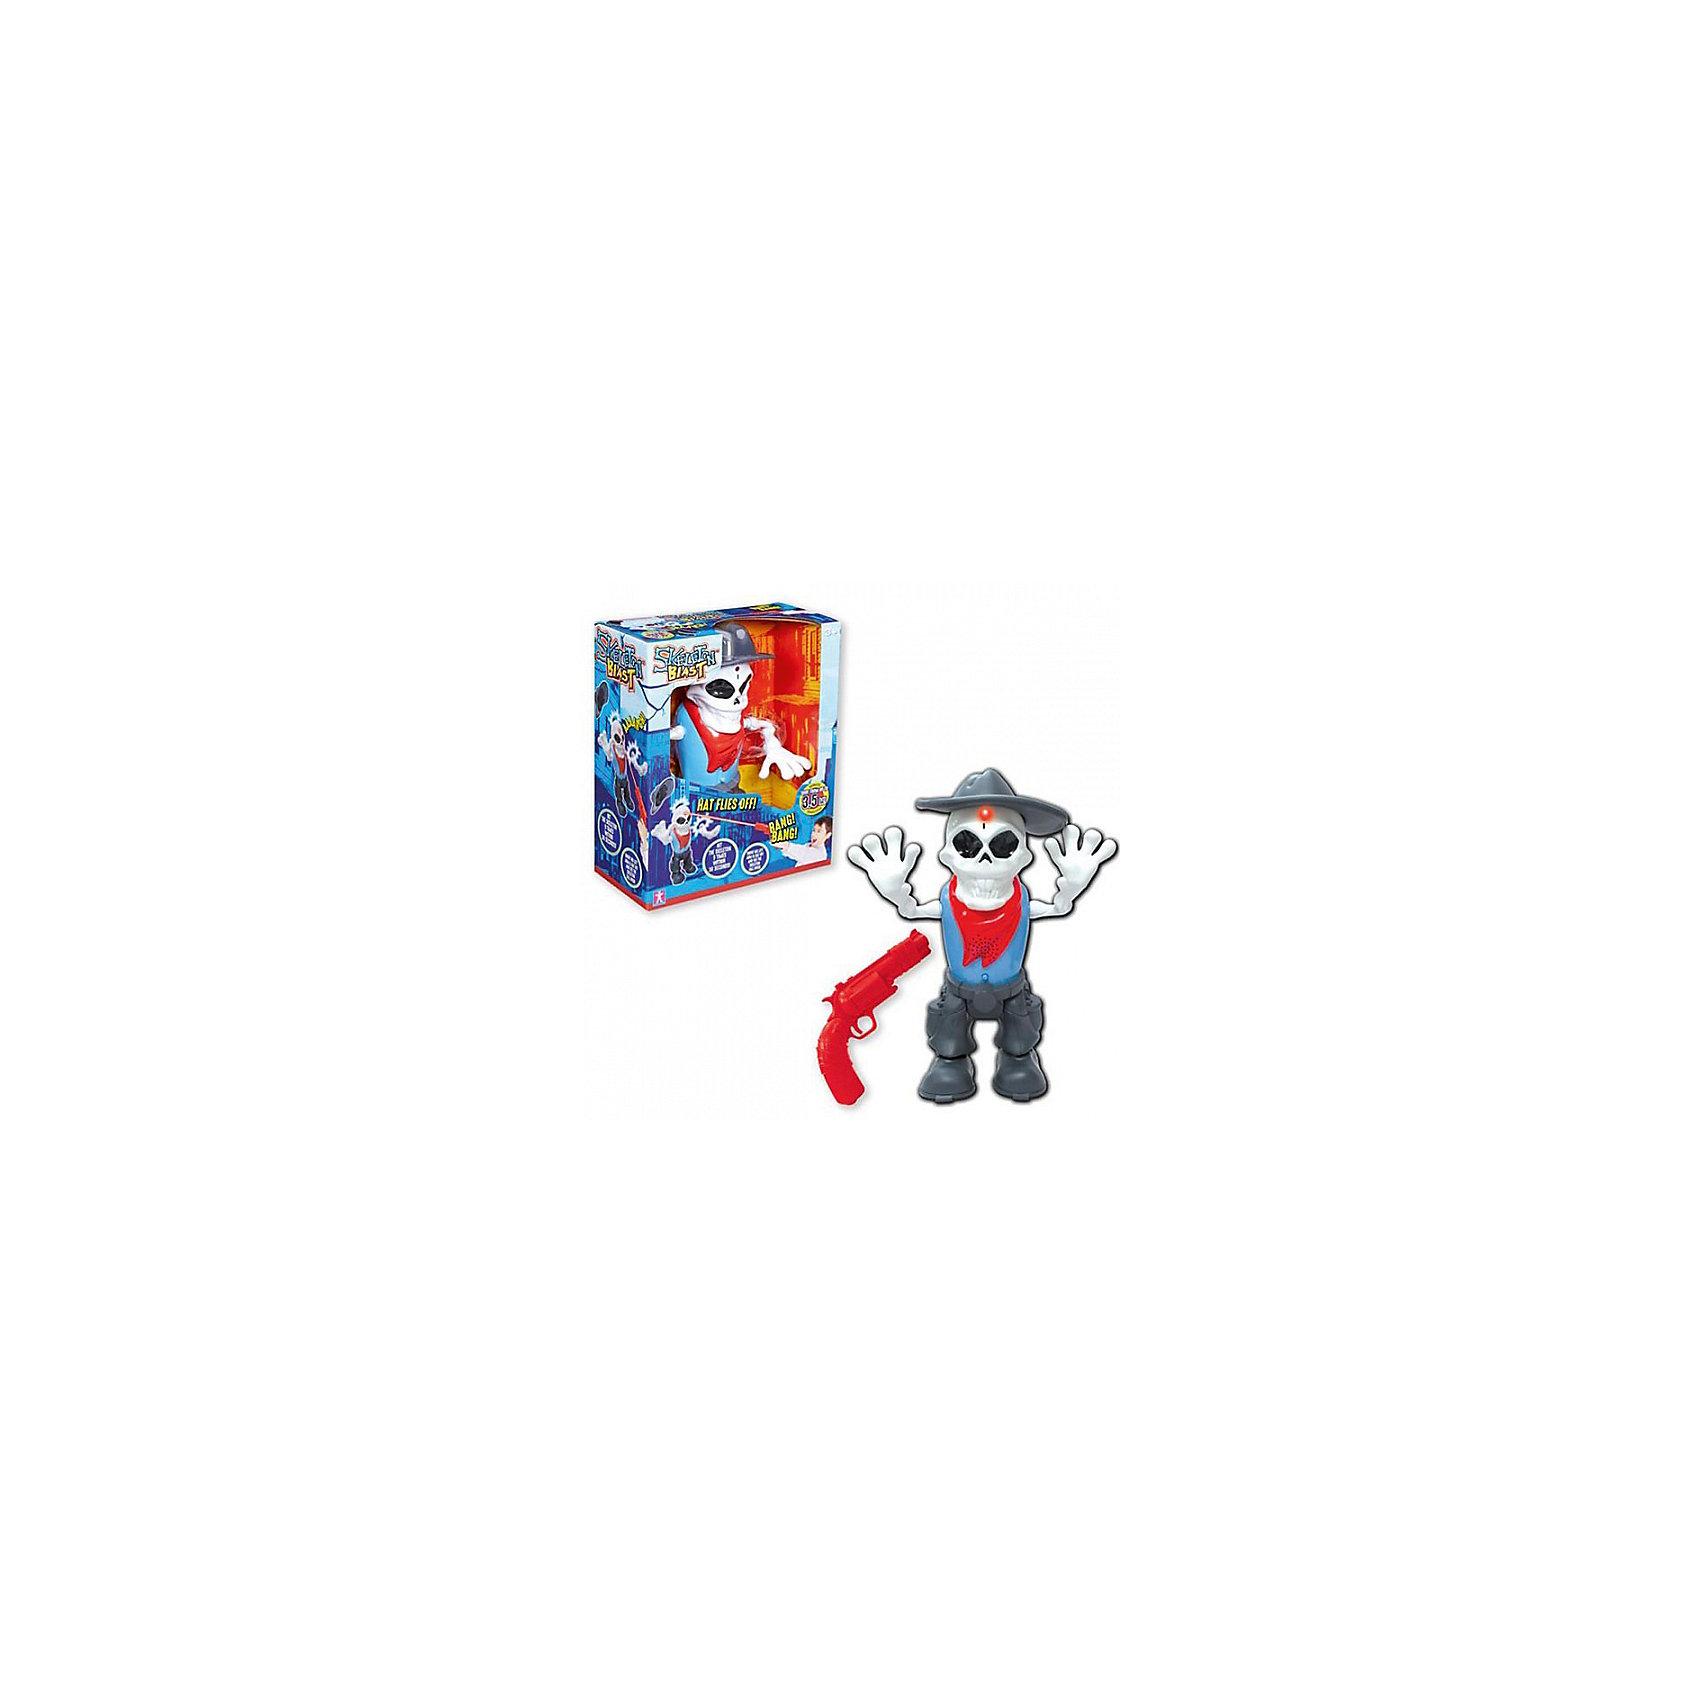 Интерактивная игрушка Dragon-i Skeleton Blast (свет, звук)Интерактивные игрушки для малышей<br><br><br>Ширина мм: 250<br>Глубина мм: 120<br>Высота мм: 300<br>Вес г: 933<br>Возраст от месяцев: 36<br>Возраст до месяцев: 2147483647<br>Пол: Мужской<br>Возраст: Детский<br>SKU: 7074101